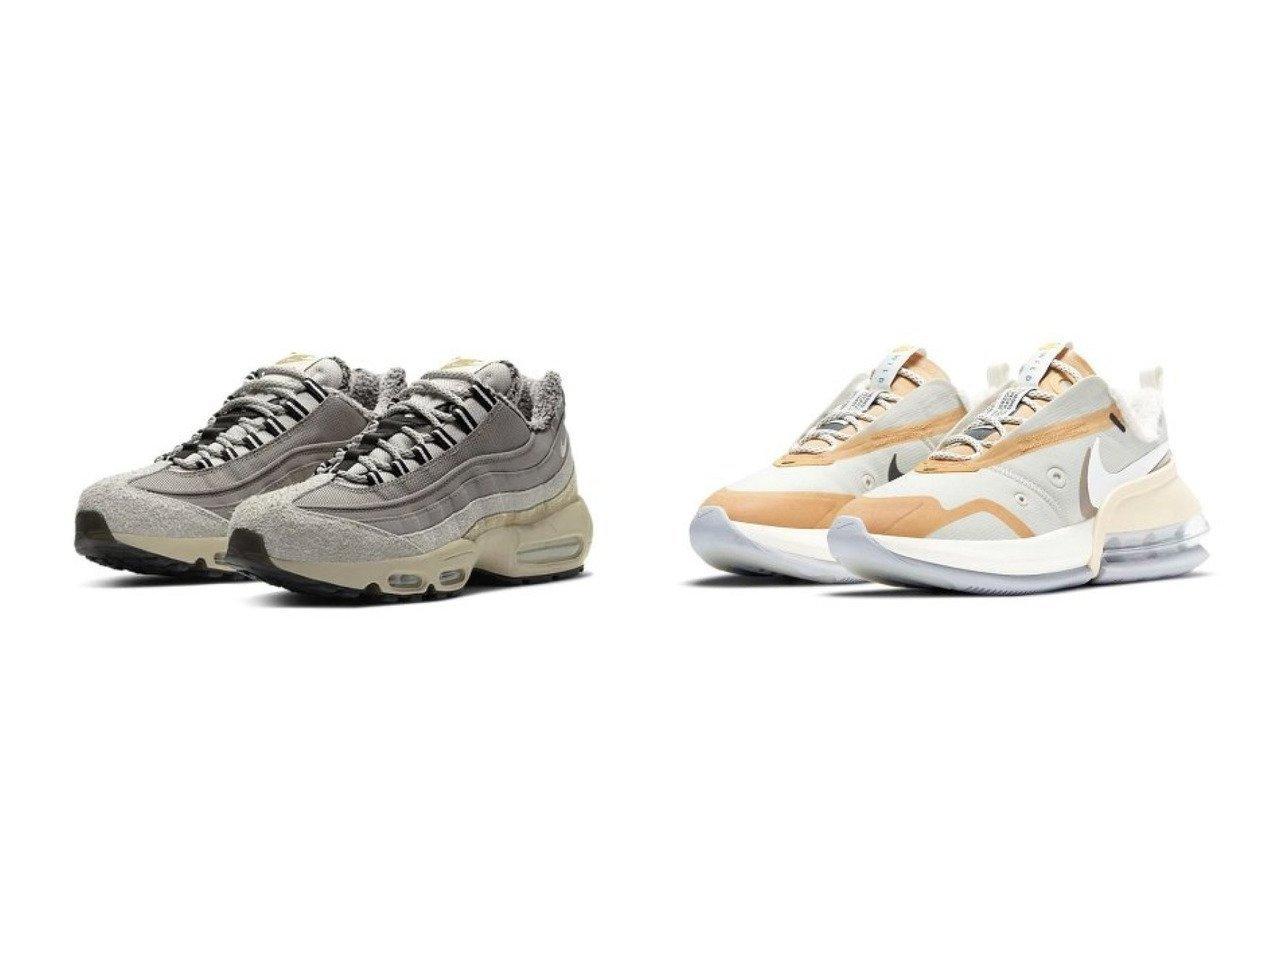 【emmi/エミ】の【NIKE】AIR MAX 95 SE&【NIKE】W AIR MAX UP シューズ・靴のおすすめ!人気、トレンド・レディースファッションの通販  おすすめで人気の流行・トレンド、ファッションの通販商品 メンズファッション・キッズファッション・インテリア・家具・レディースファッション・服の通販 founy(ファニー) https://founy.com/ ファッション Fashion レディースファッション WOMEN インソール インナー キャラクター シューズ スウェード スニーカー スペシャル スリッポン バスケット メッシュ レース A/W 秋冬 AW Autumn/Winter / FW Fall-Winter 厚底  ID:crp329100000009836